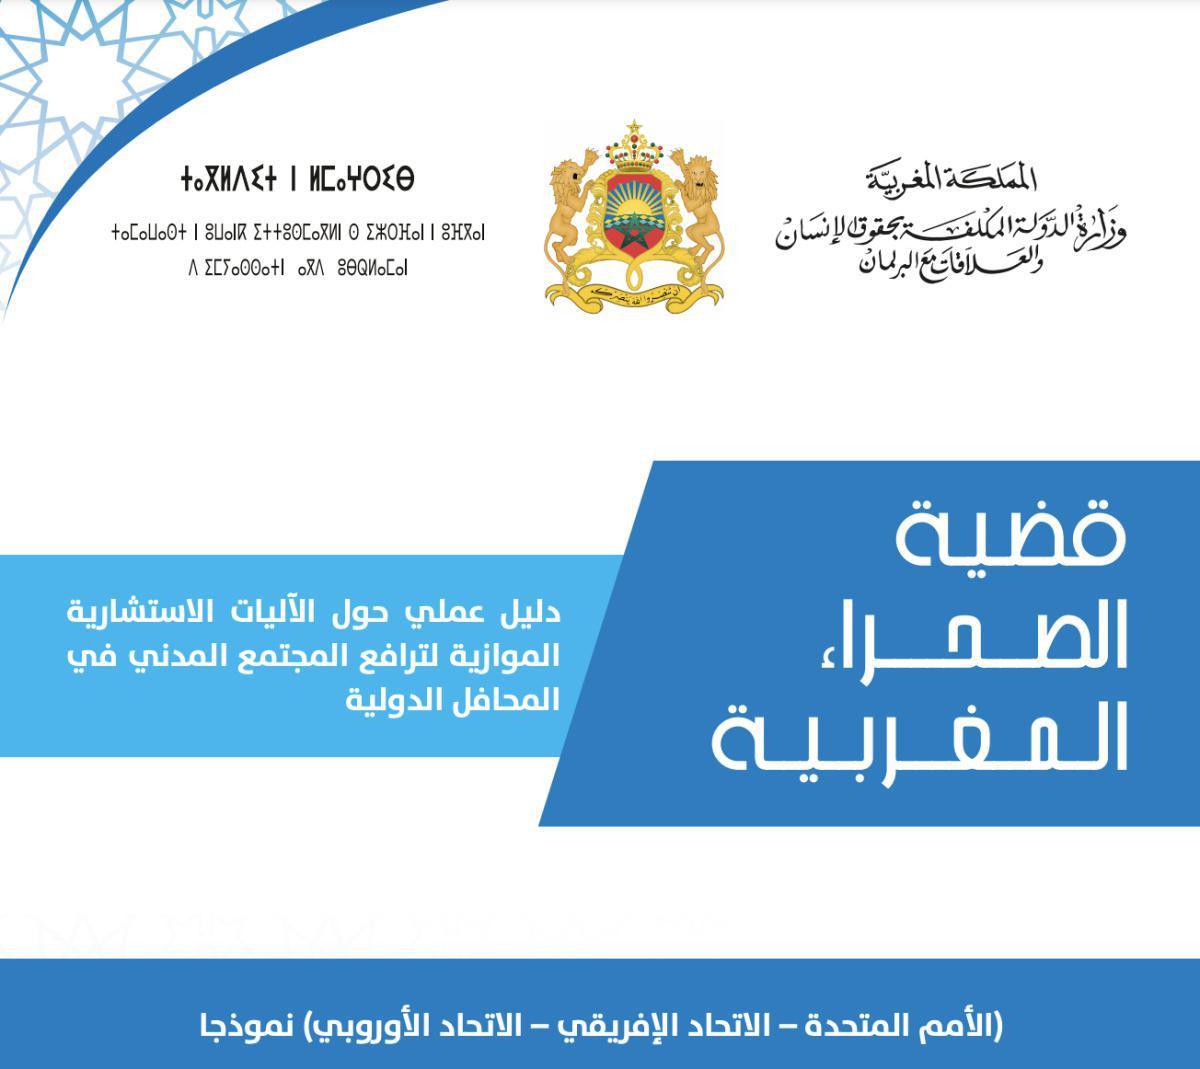 الصحراء المغربية: وزارة الدولة تصدر دليلا عمليا حول الآليات الاستشارية الموازية لترافع المجتمع المدني في المحافل الدولية